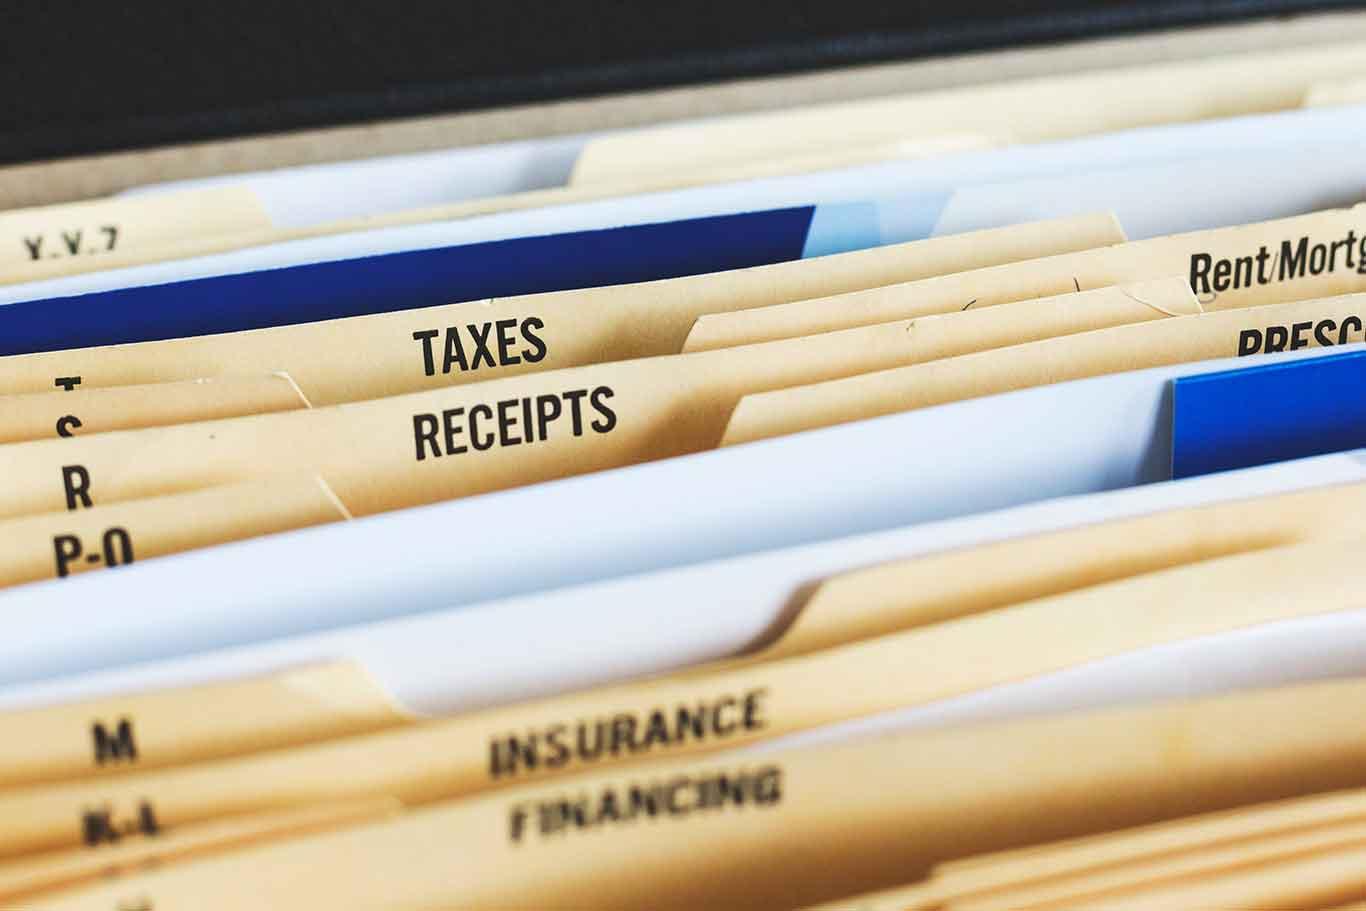 Filing tax